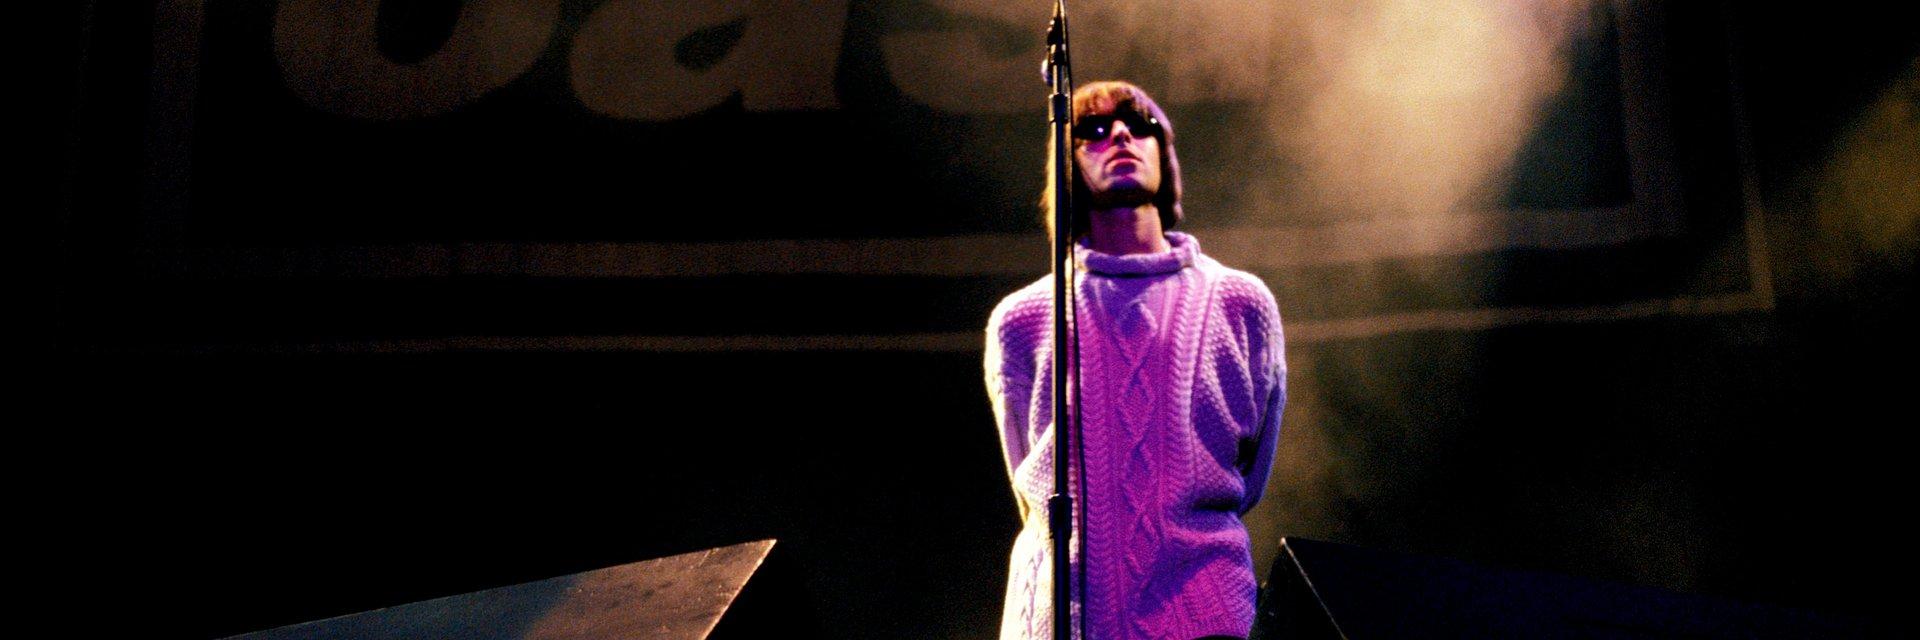 Kultowy koncert Oasis z Knebworth z 1996 roku już we wrześniu na dużym ekranie!